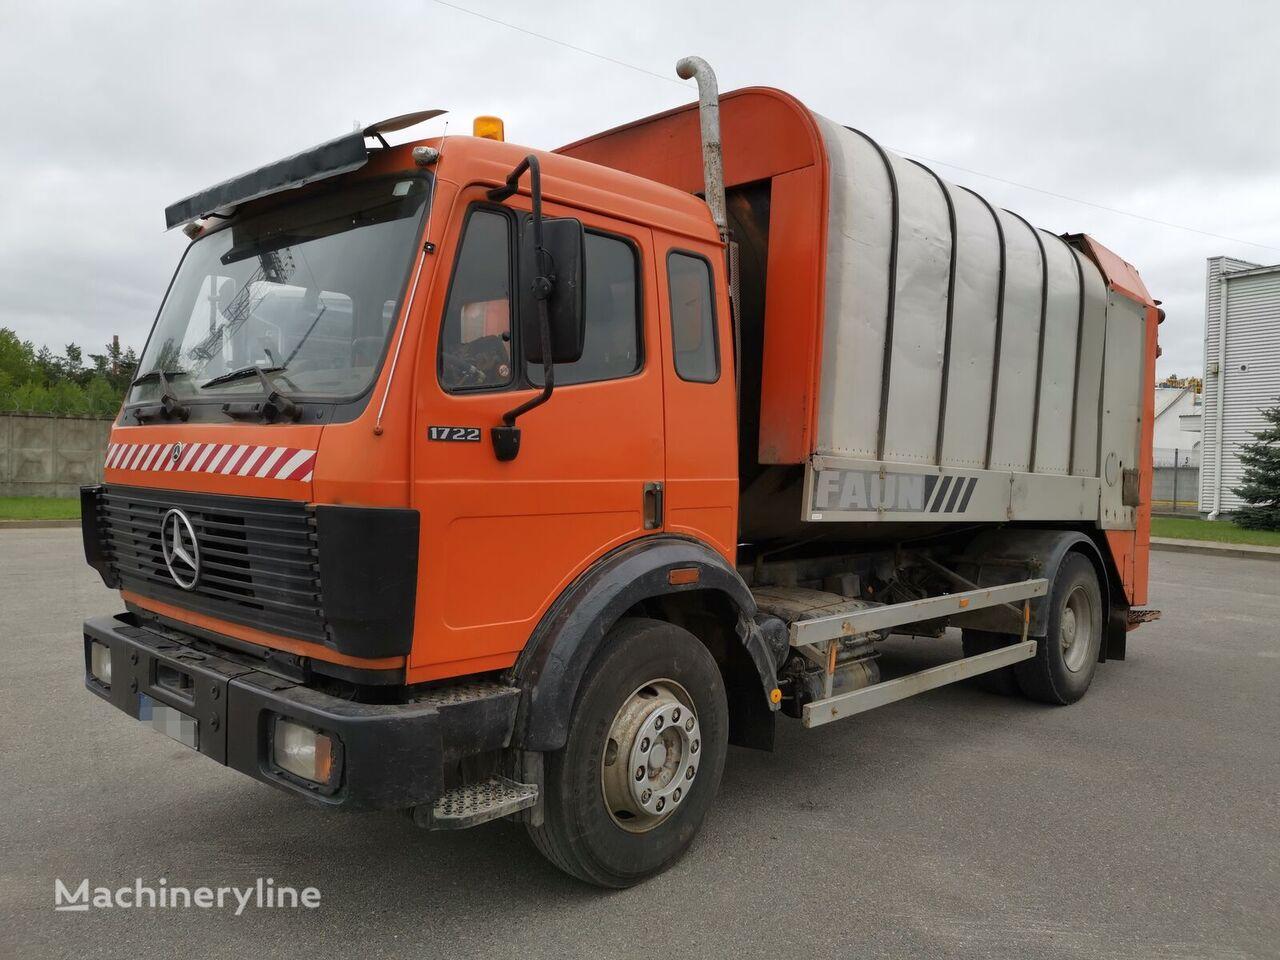 MERCEDES-BENZ 1722 camión furgón